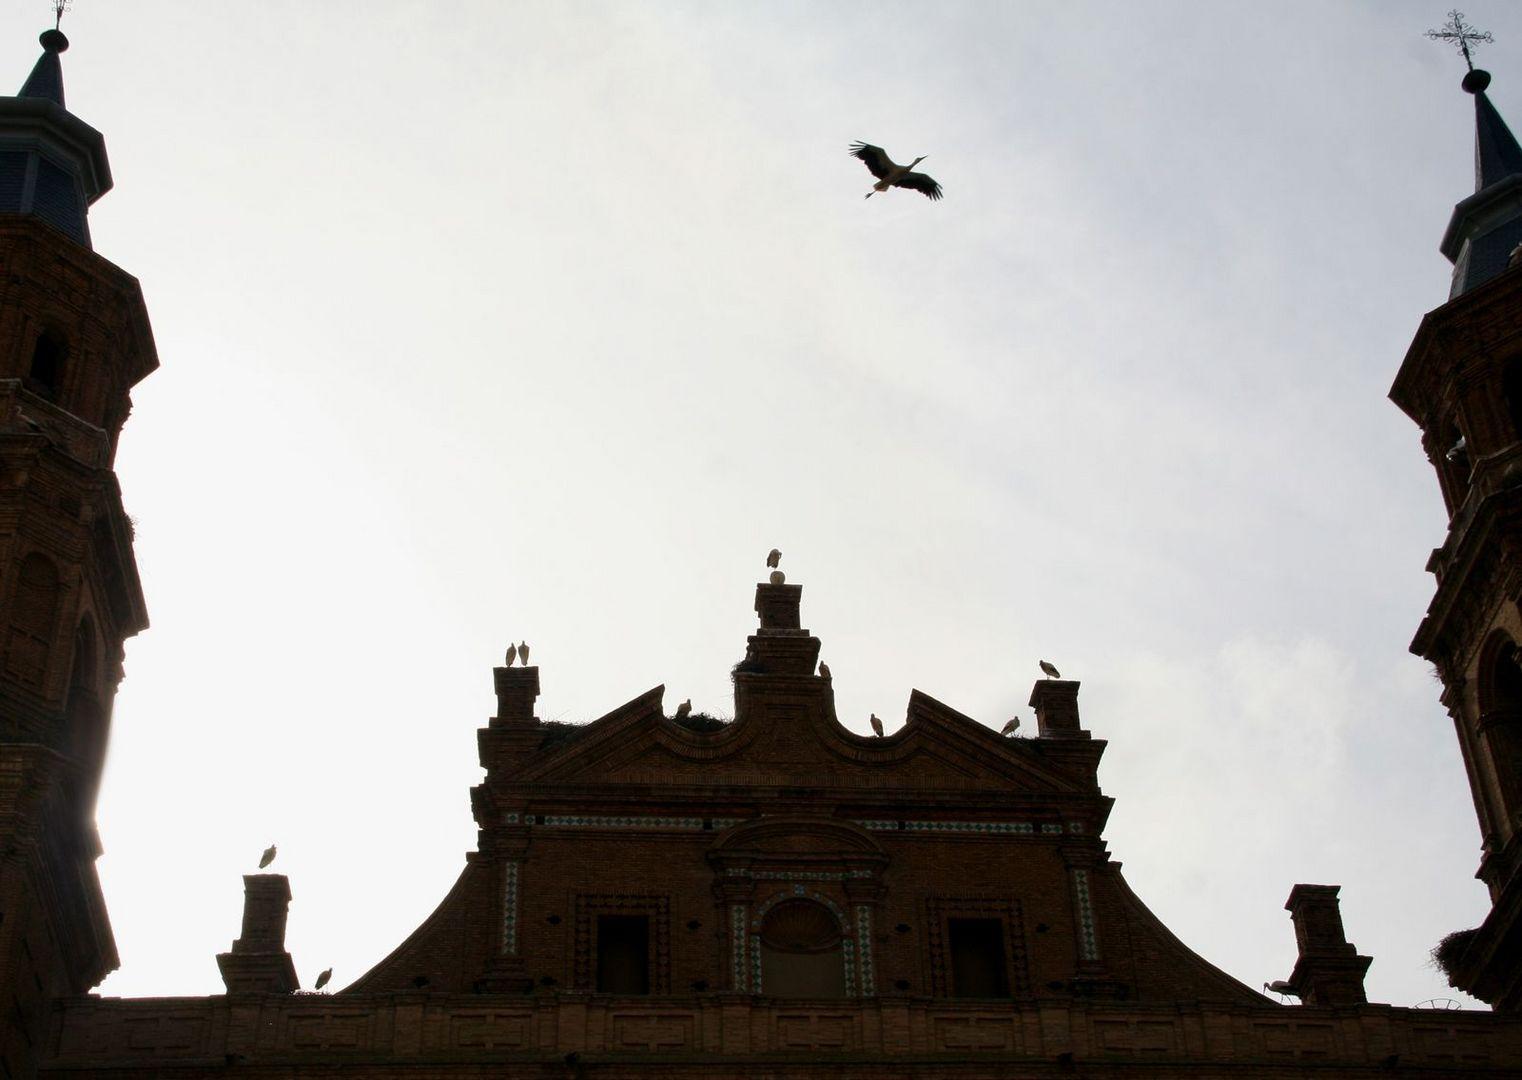 Cigüeñas en la Colegiata de San Miguel de Alfaro (La Rioja / abril de 2012)